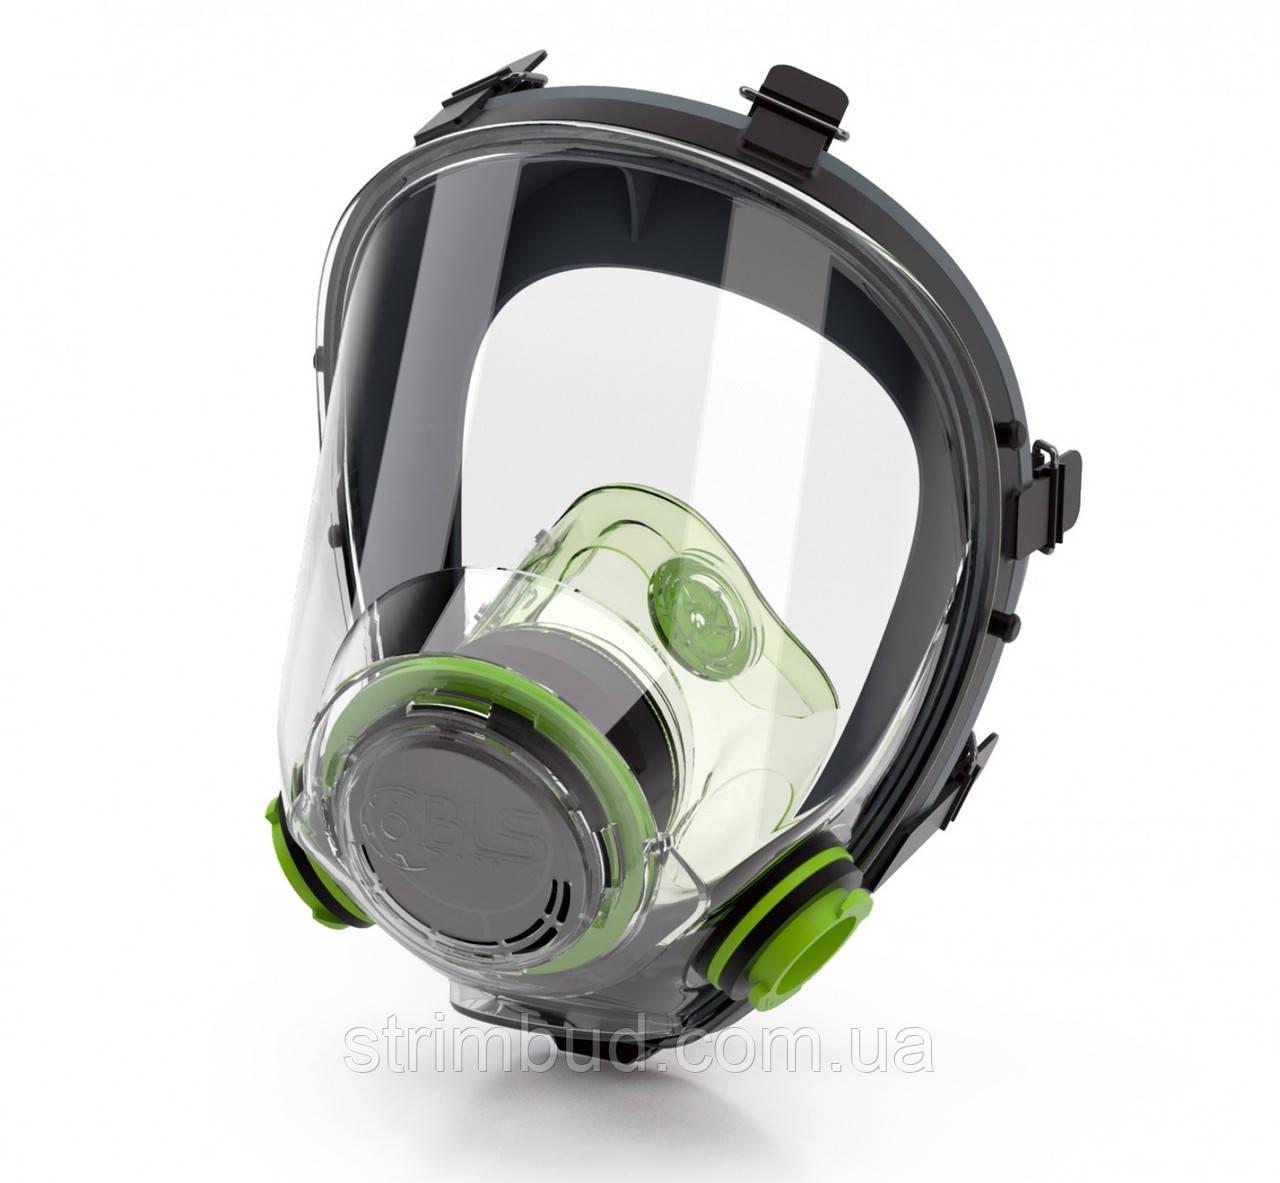 Полная маска BLS 5600